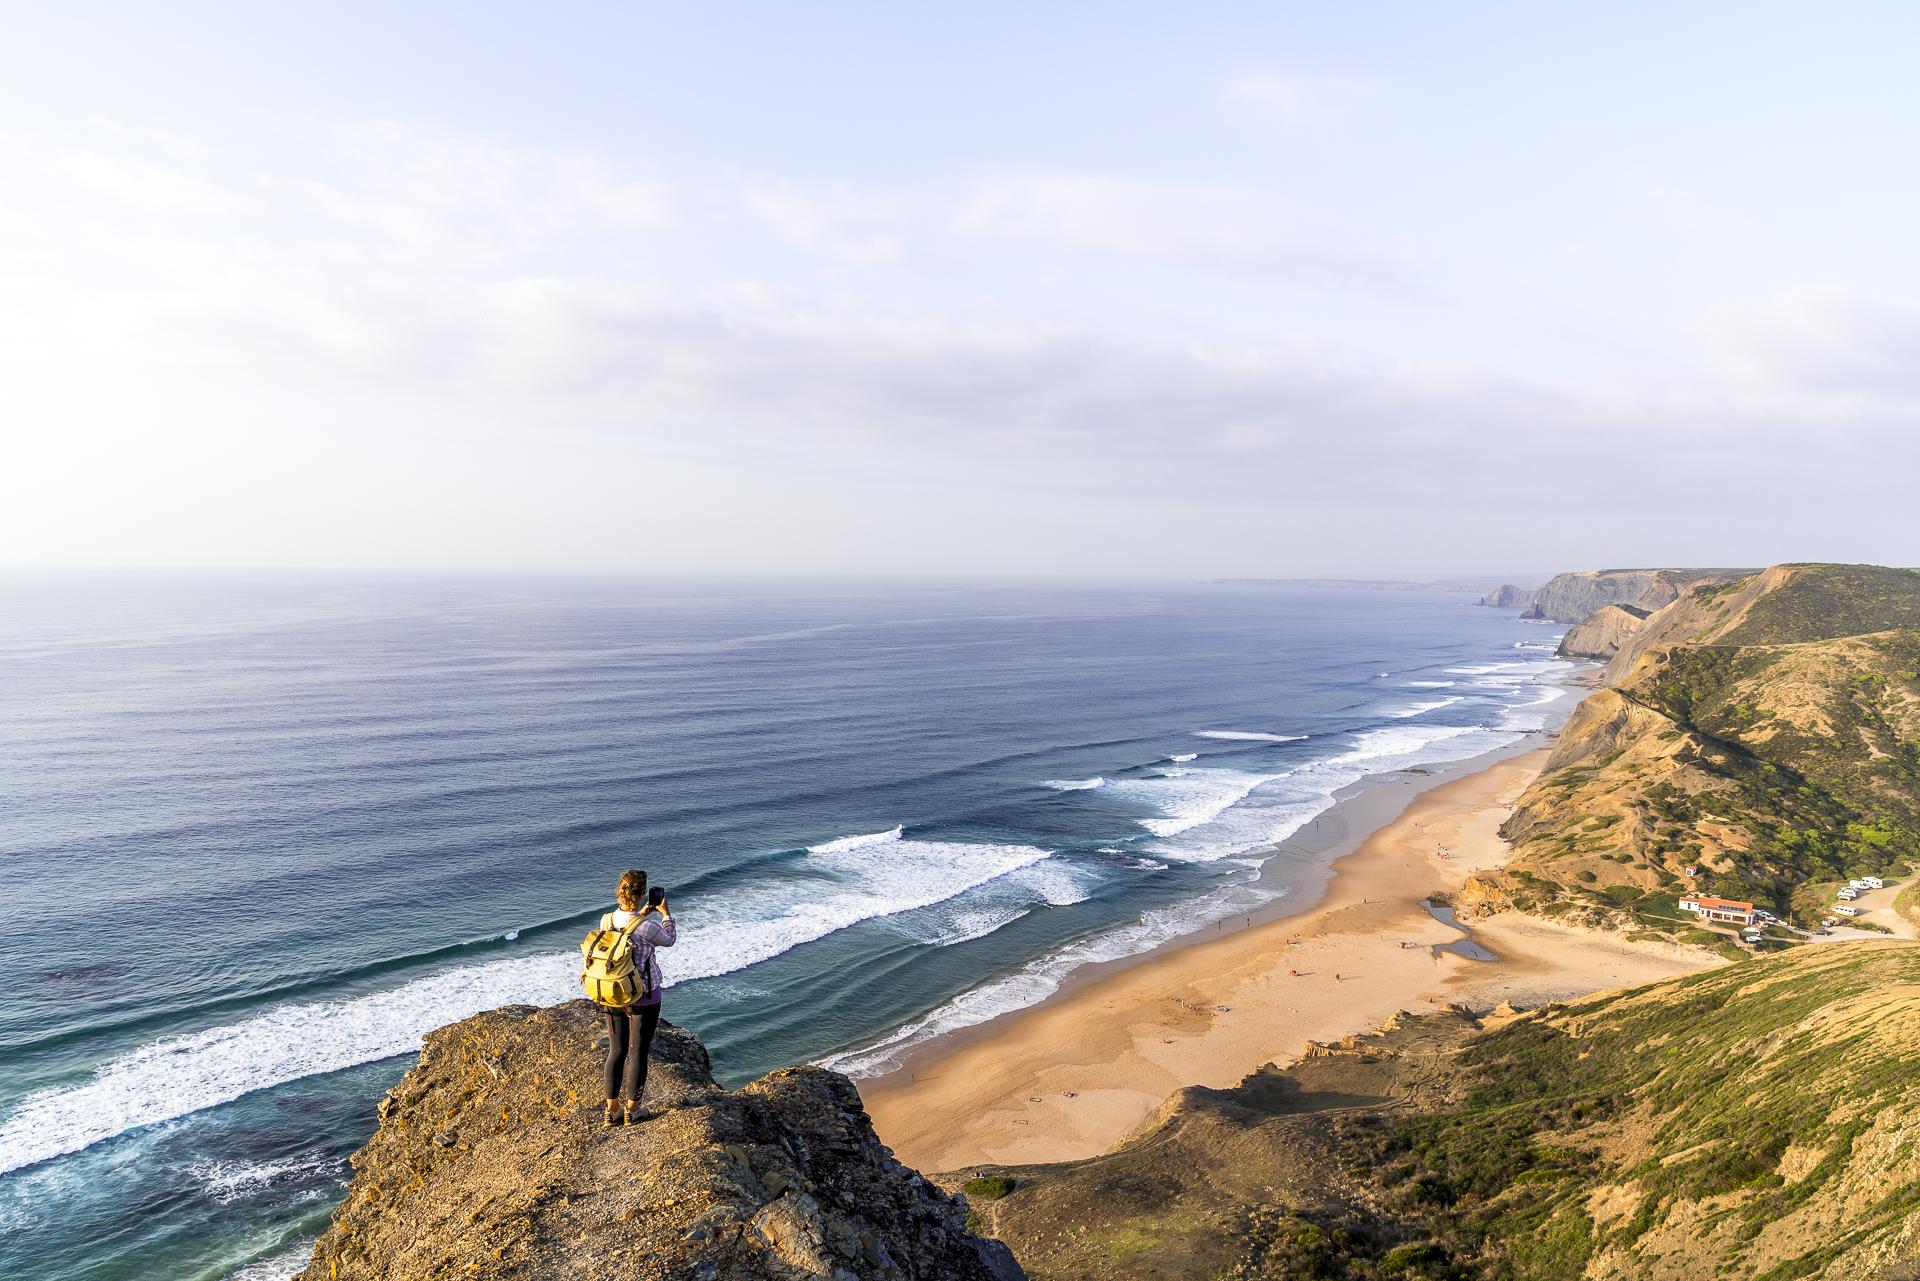 Aussicht Praia da Cordoama